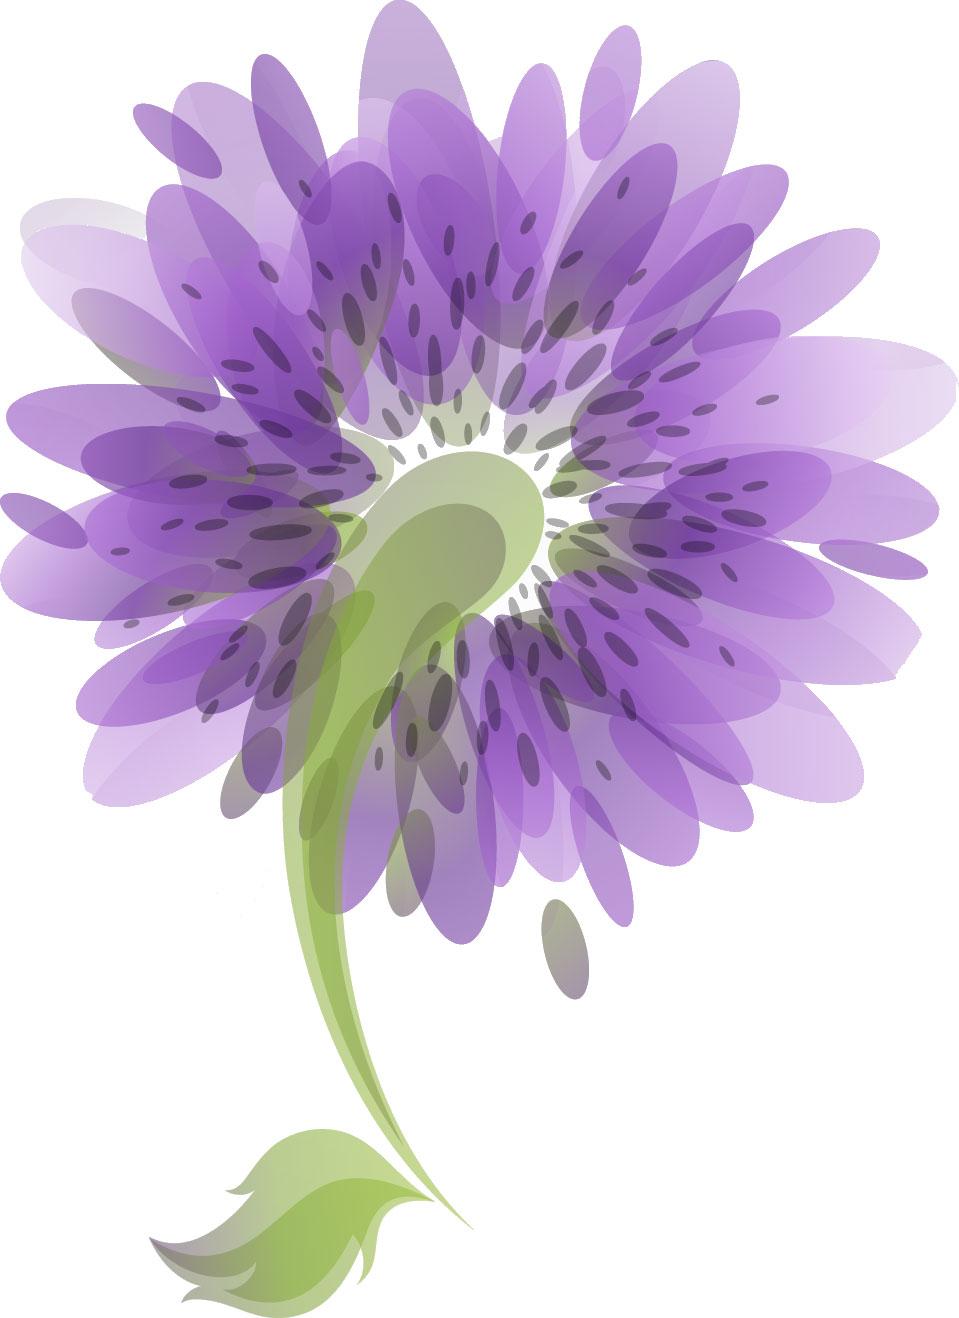 青い花のイラスト-青紫・斑点 青い花のイラスト・フリー素材/No.089『青紫・斑点』 花のイラ